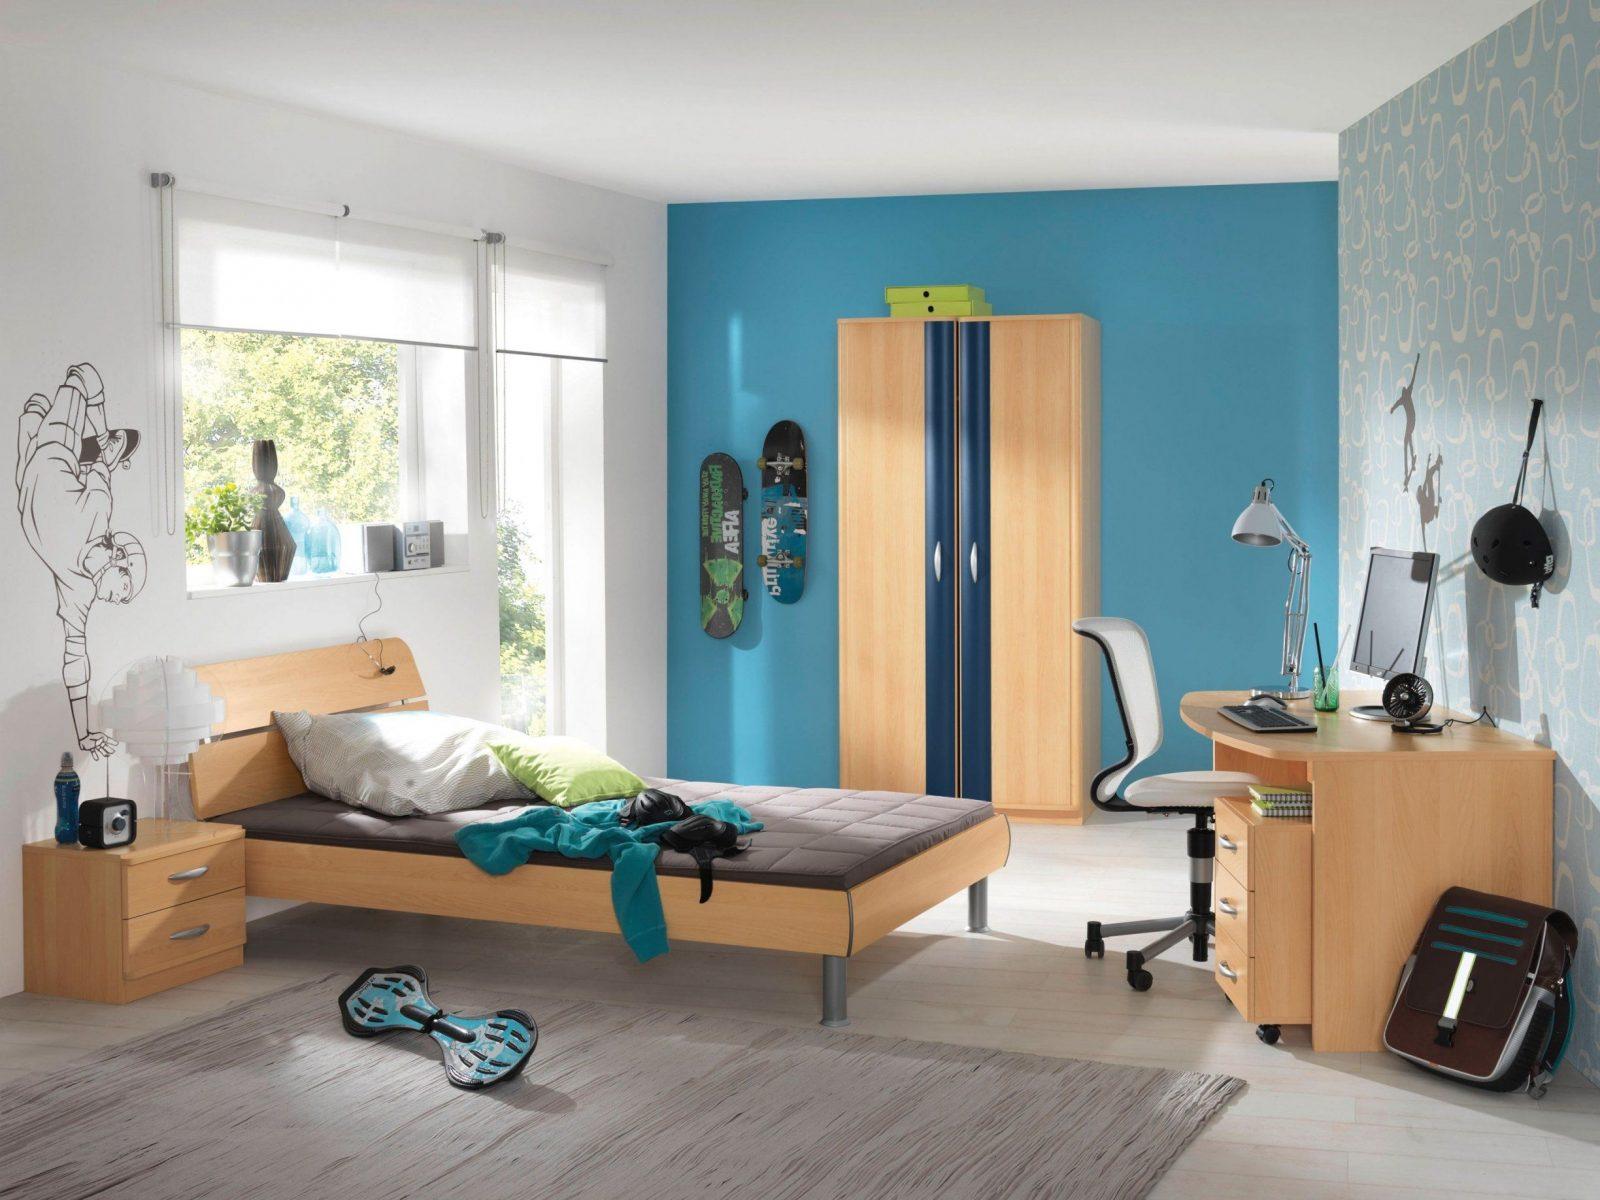 Jugendzimmer Jungen Wandgestaltung Mit Gut Blau Komplett von Wandtattoo Jugendzimmer Jungen Graffiti Photo